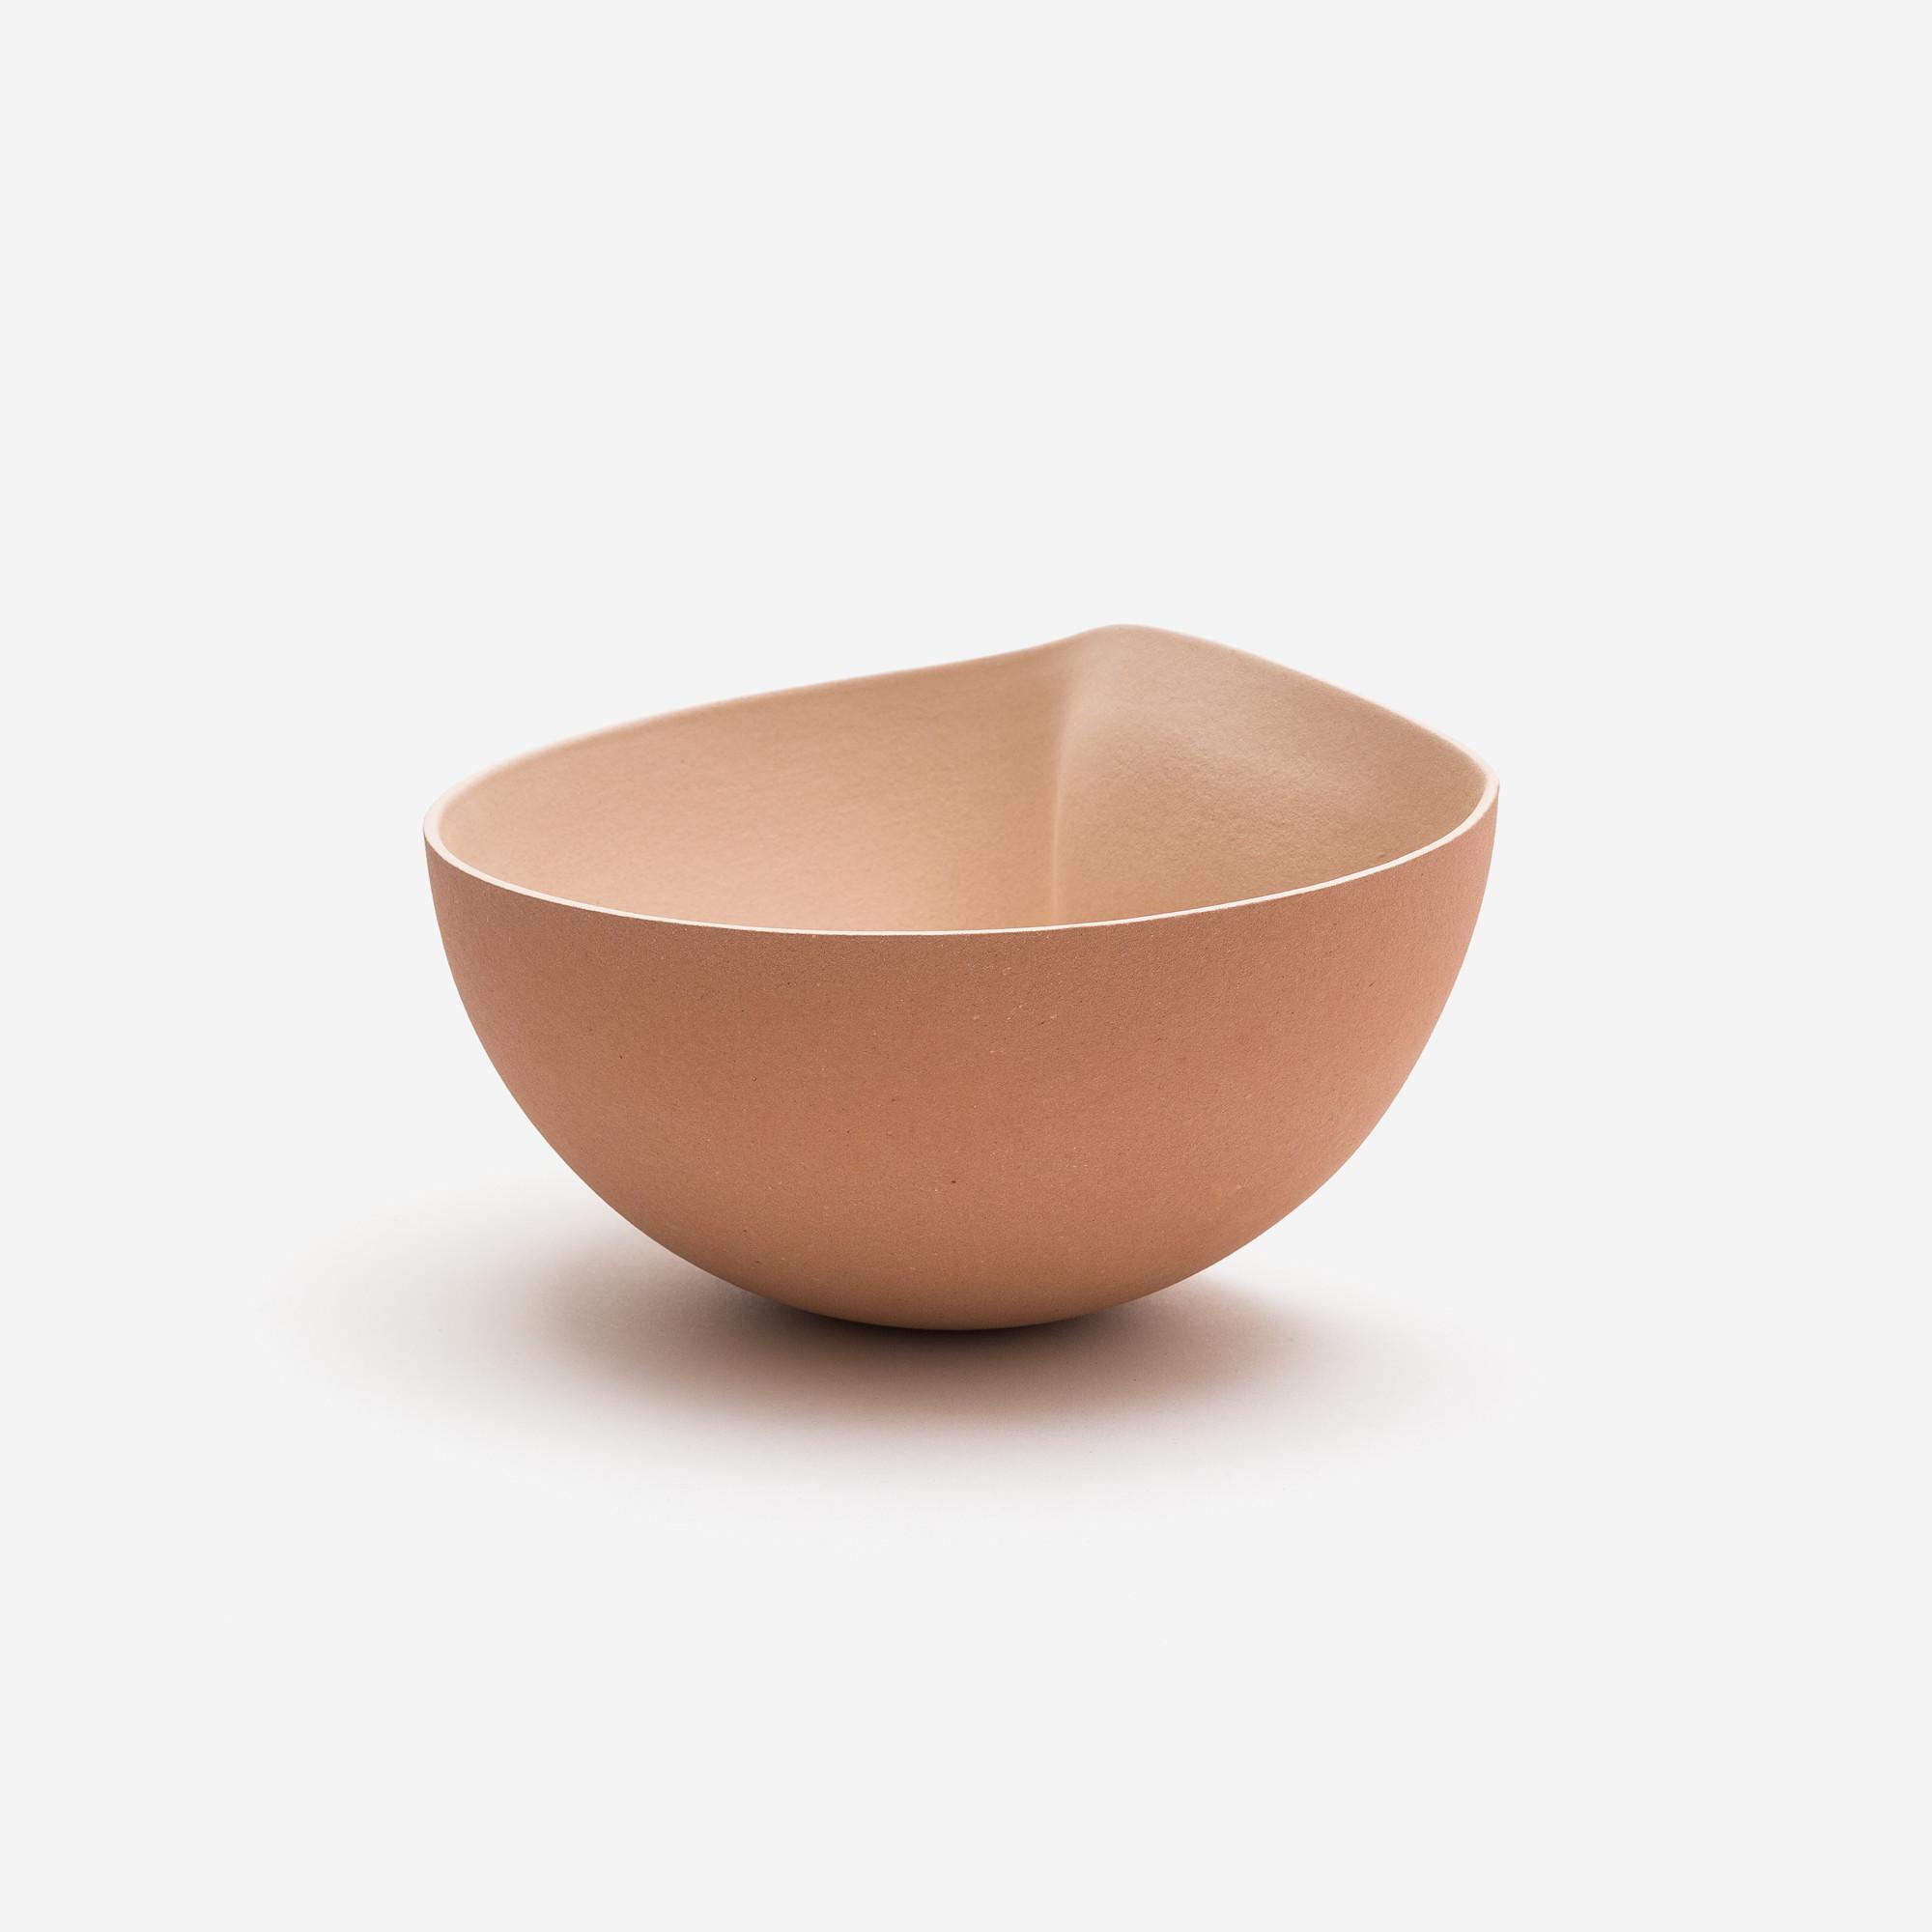 Ilona Van Den Berg | Moon Bowl